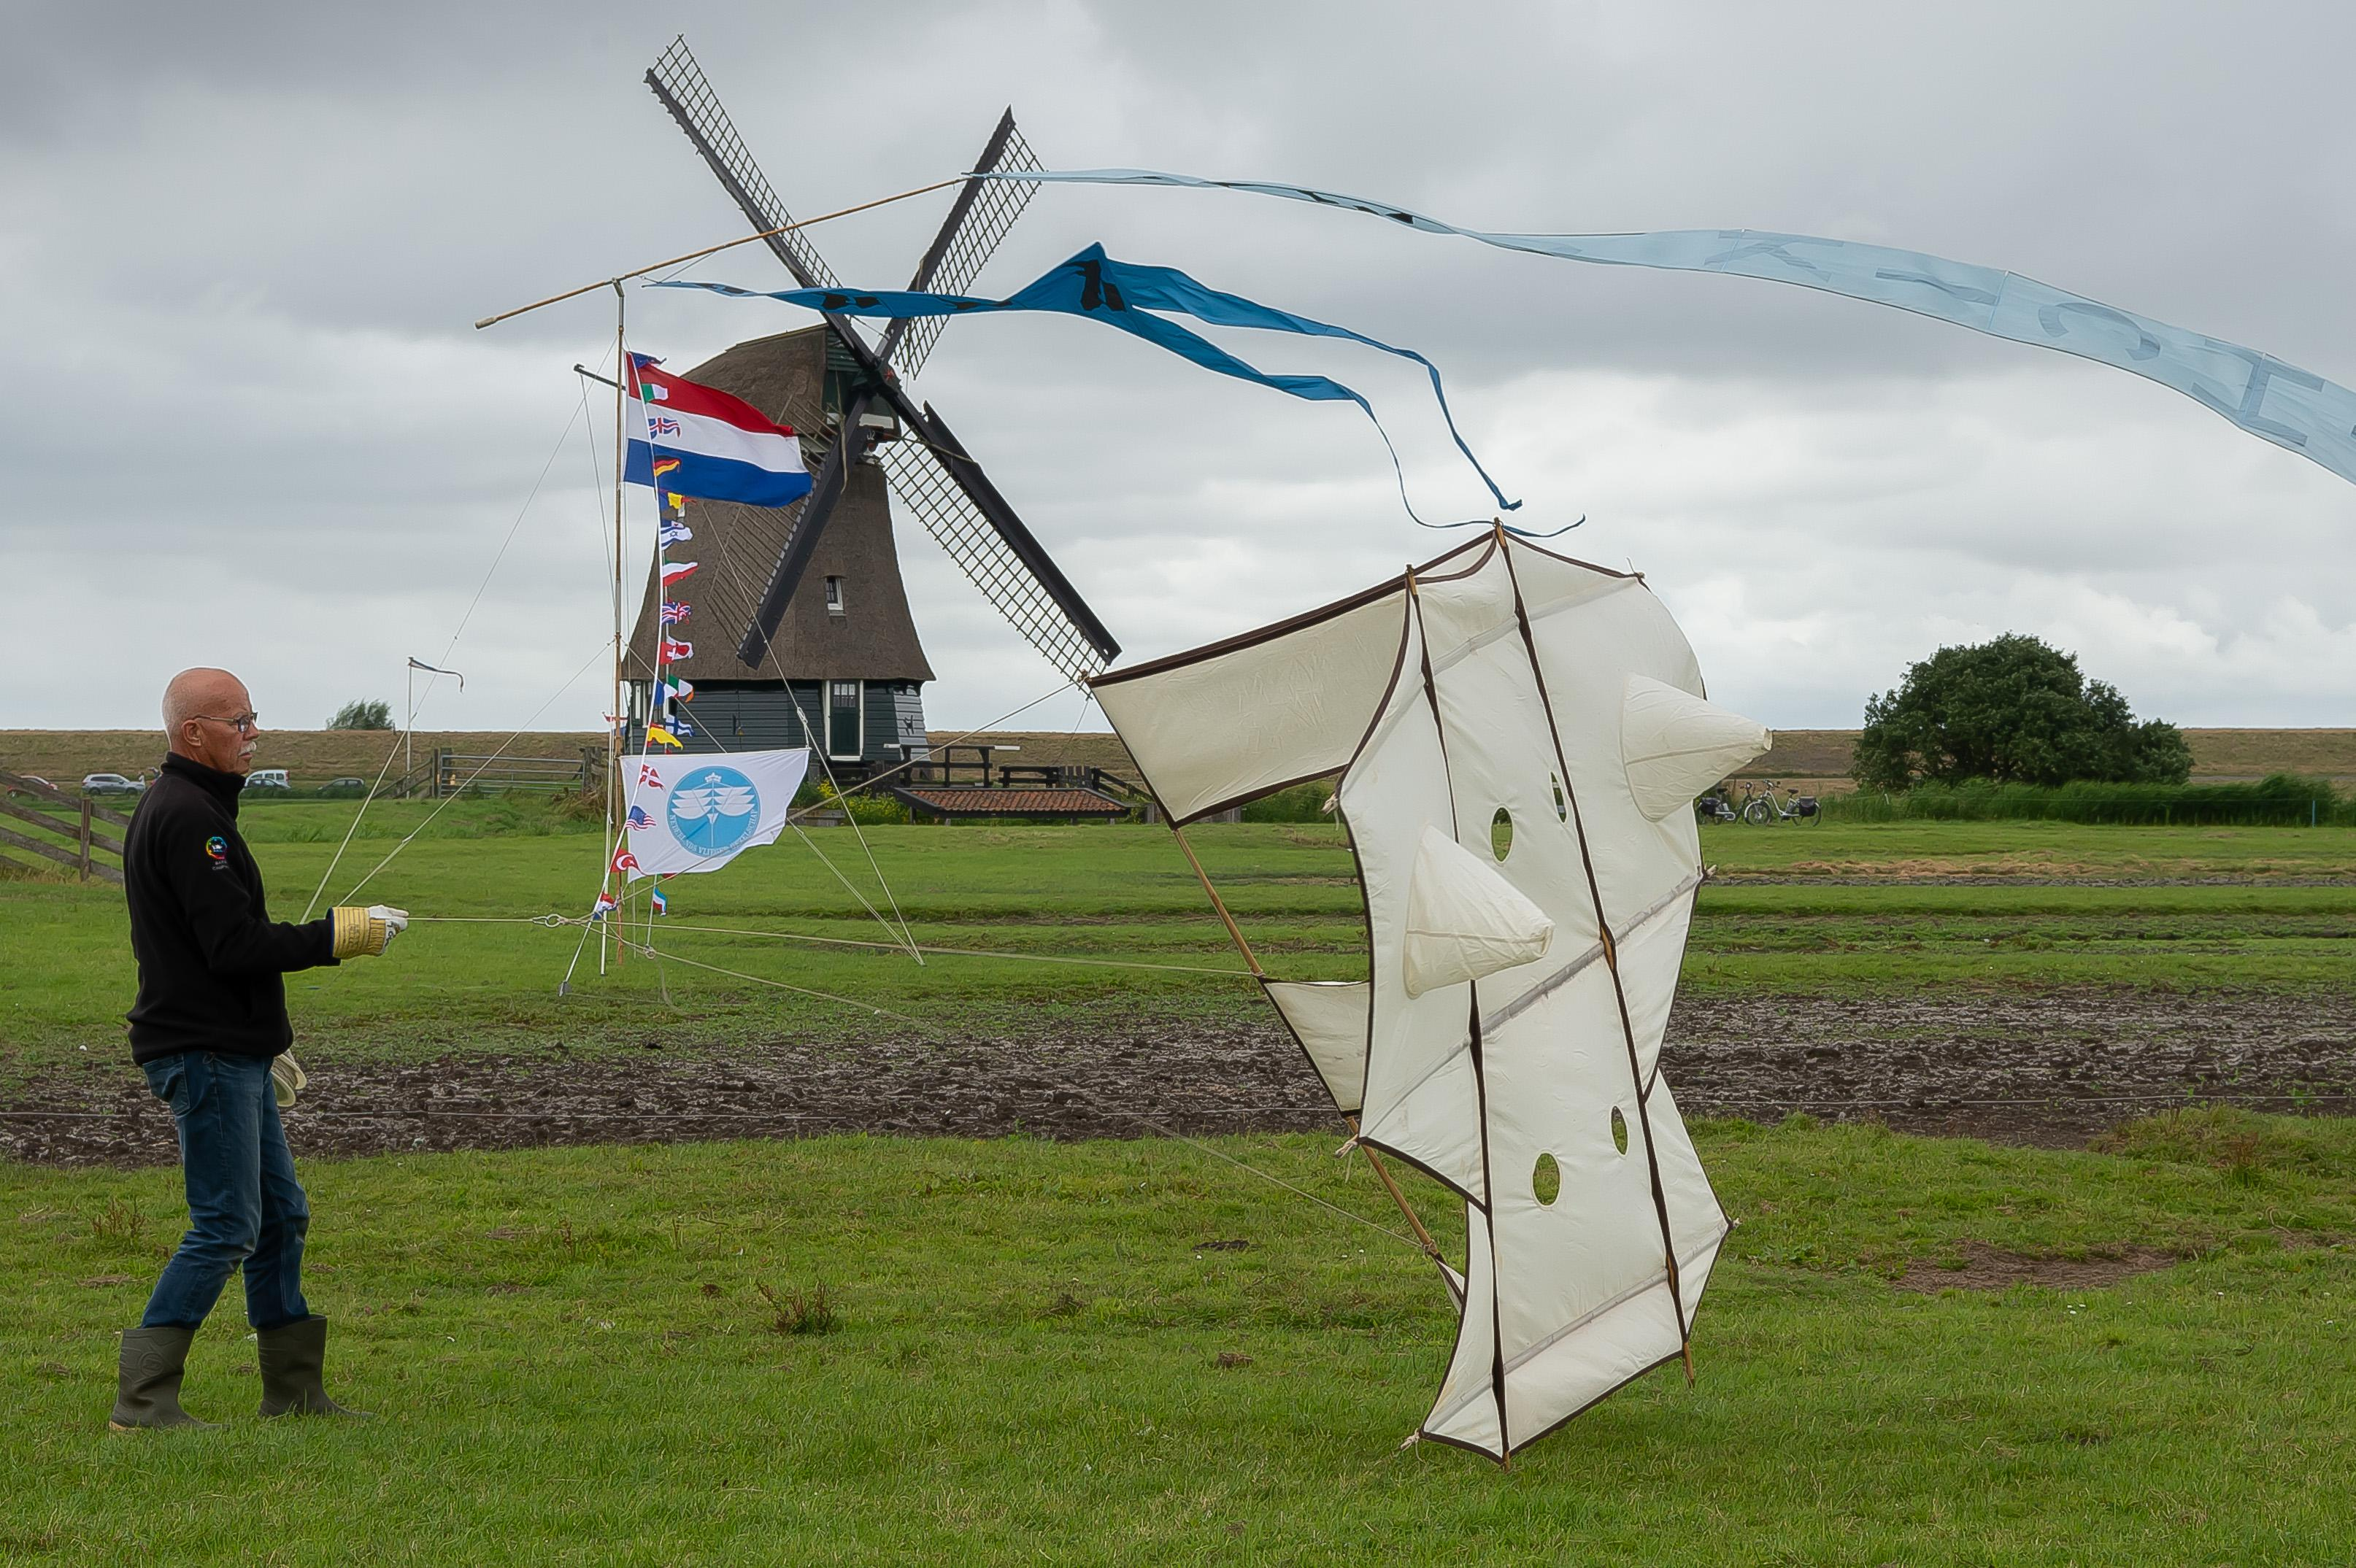 Tiende Vliegerfestival Oosthuizen: 'De eerste keer werd ik finaal gelanceerd'